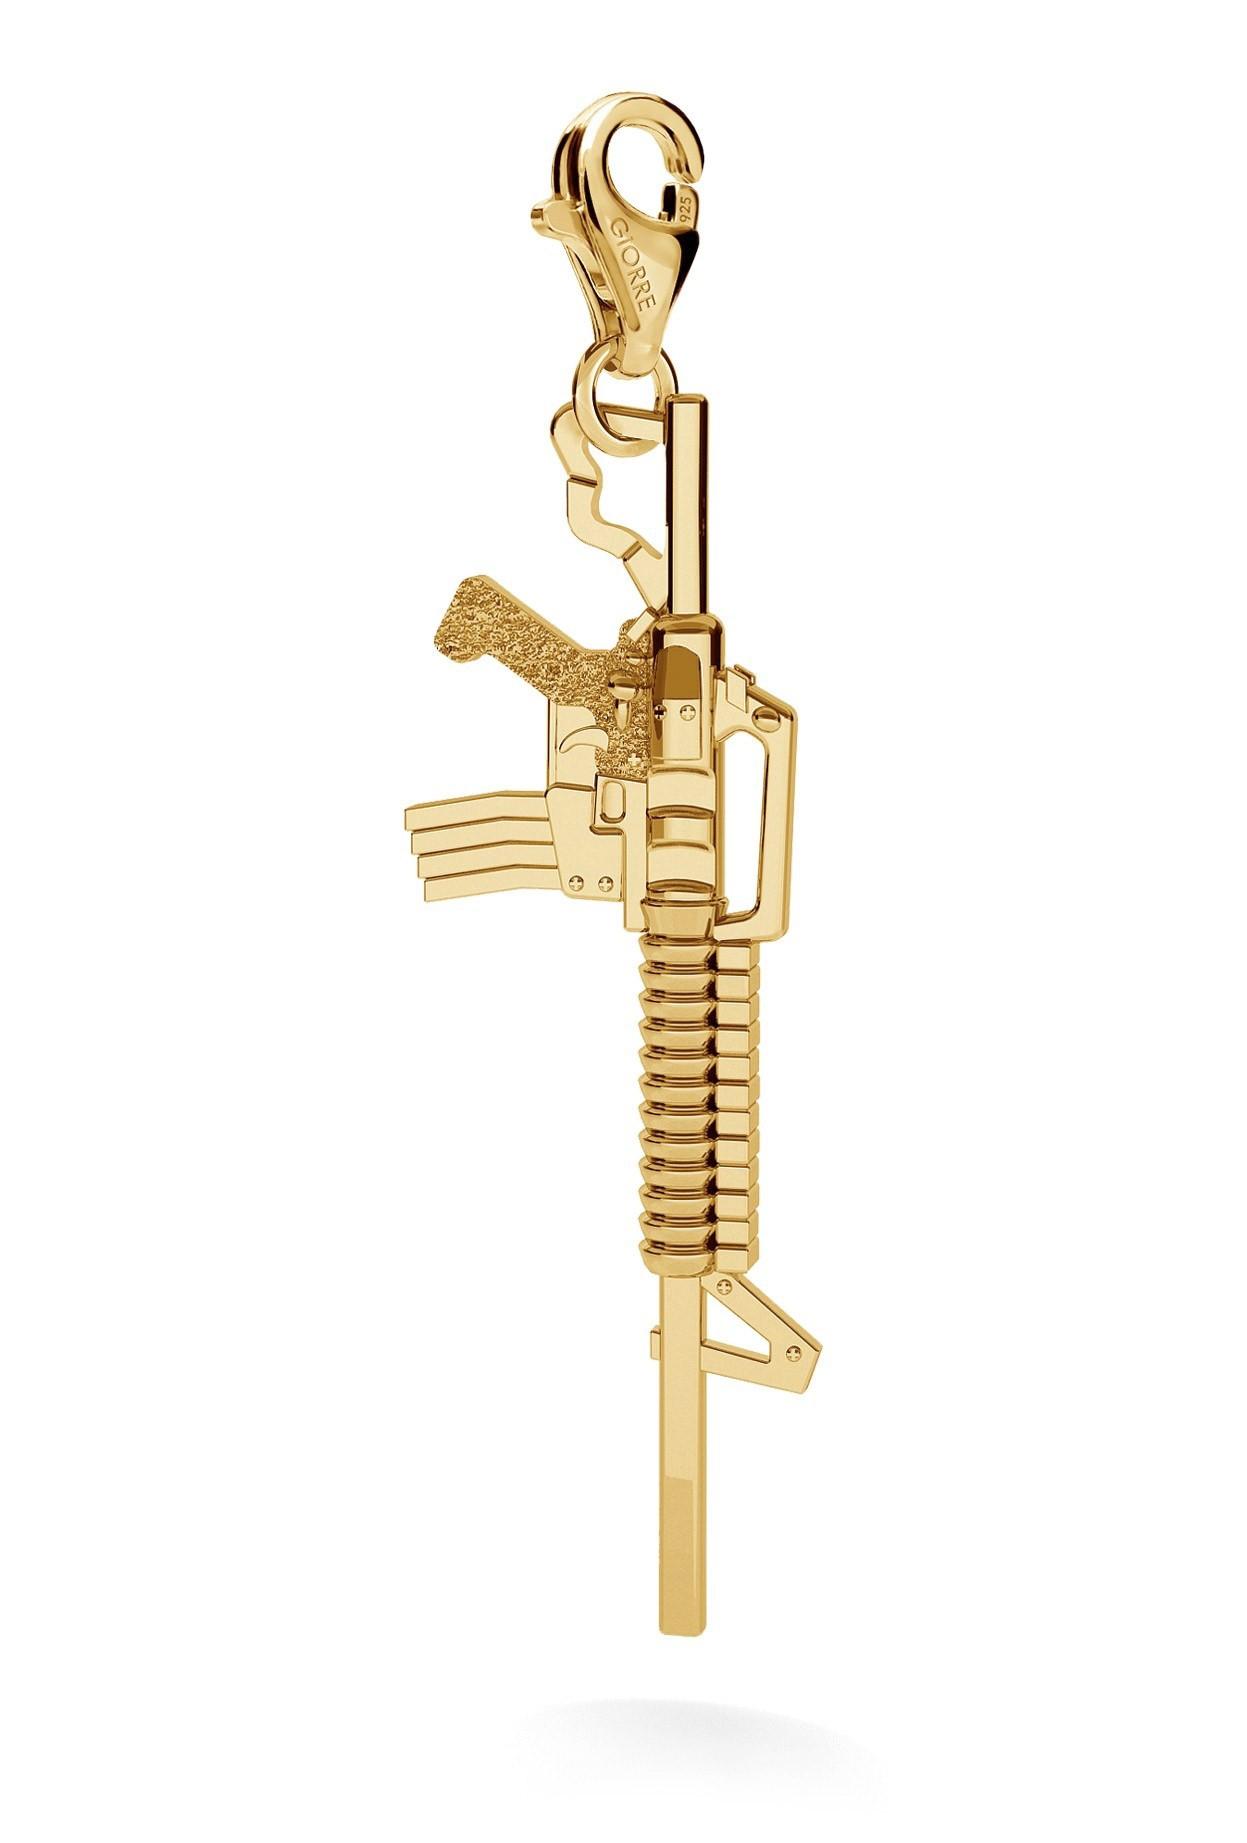 CHARM 31, MACHINE GUN, SILVER 925, RHODIUM OR GOLD PLATED